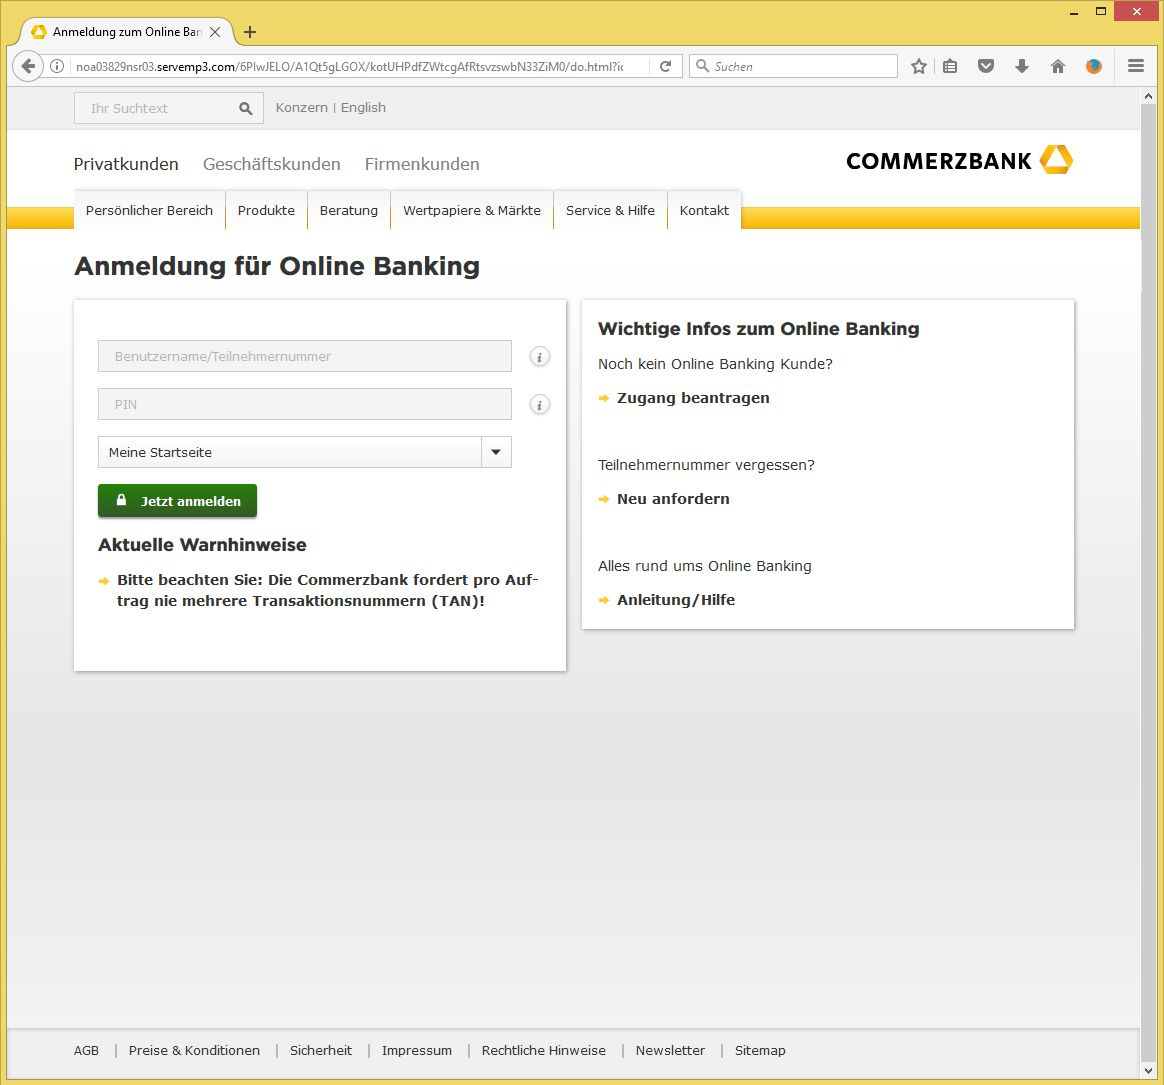 commerzbank online banking startseite